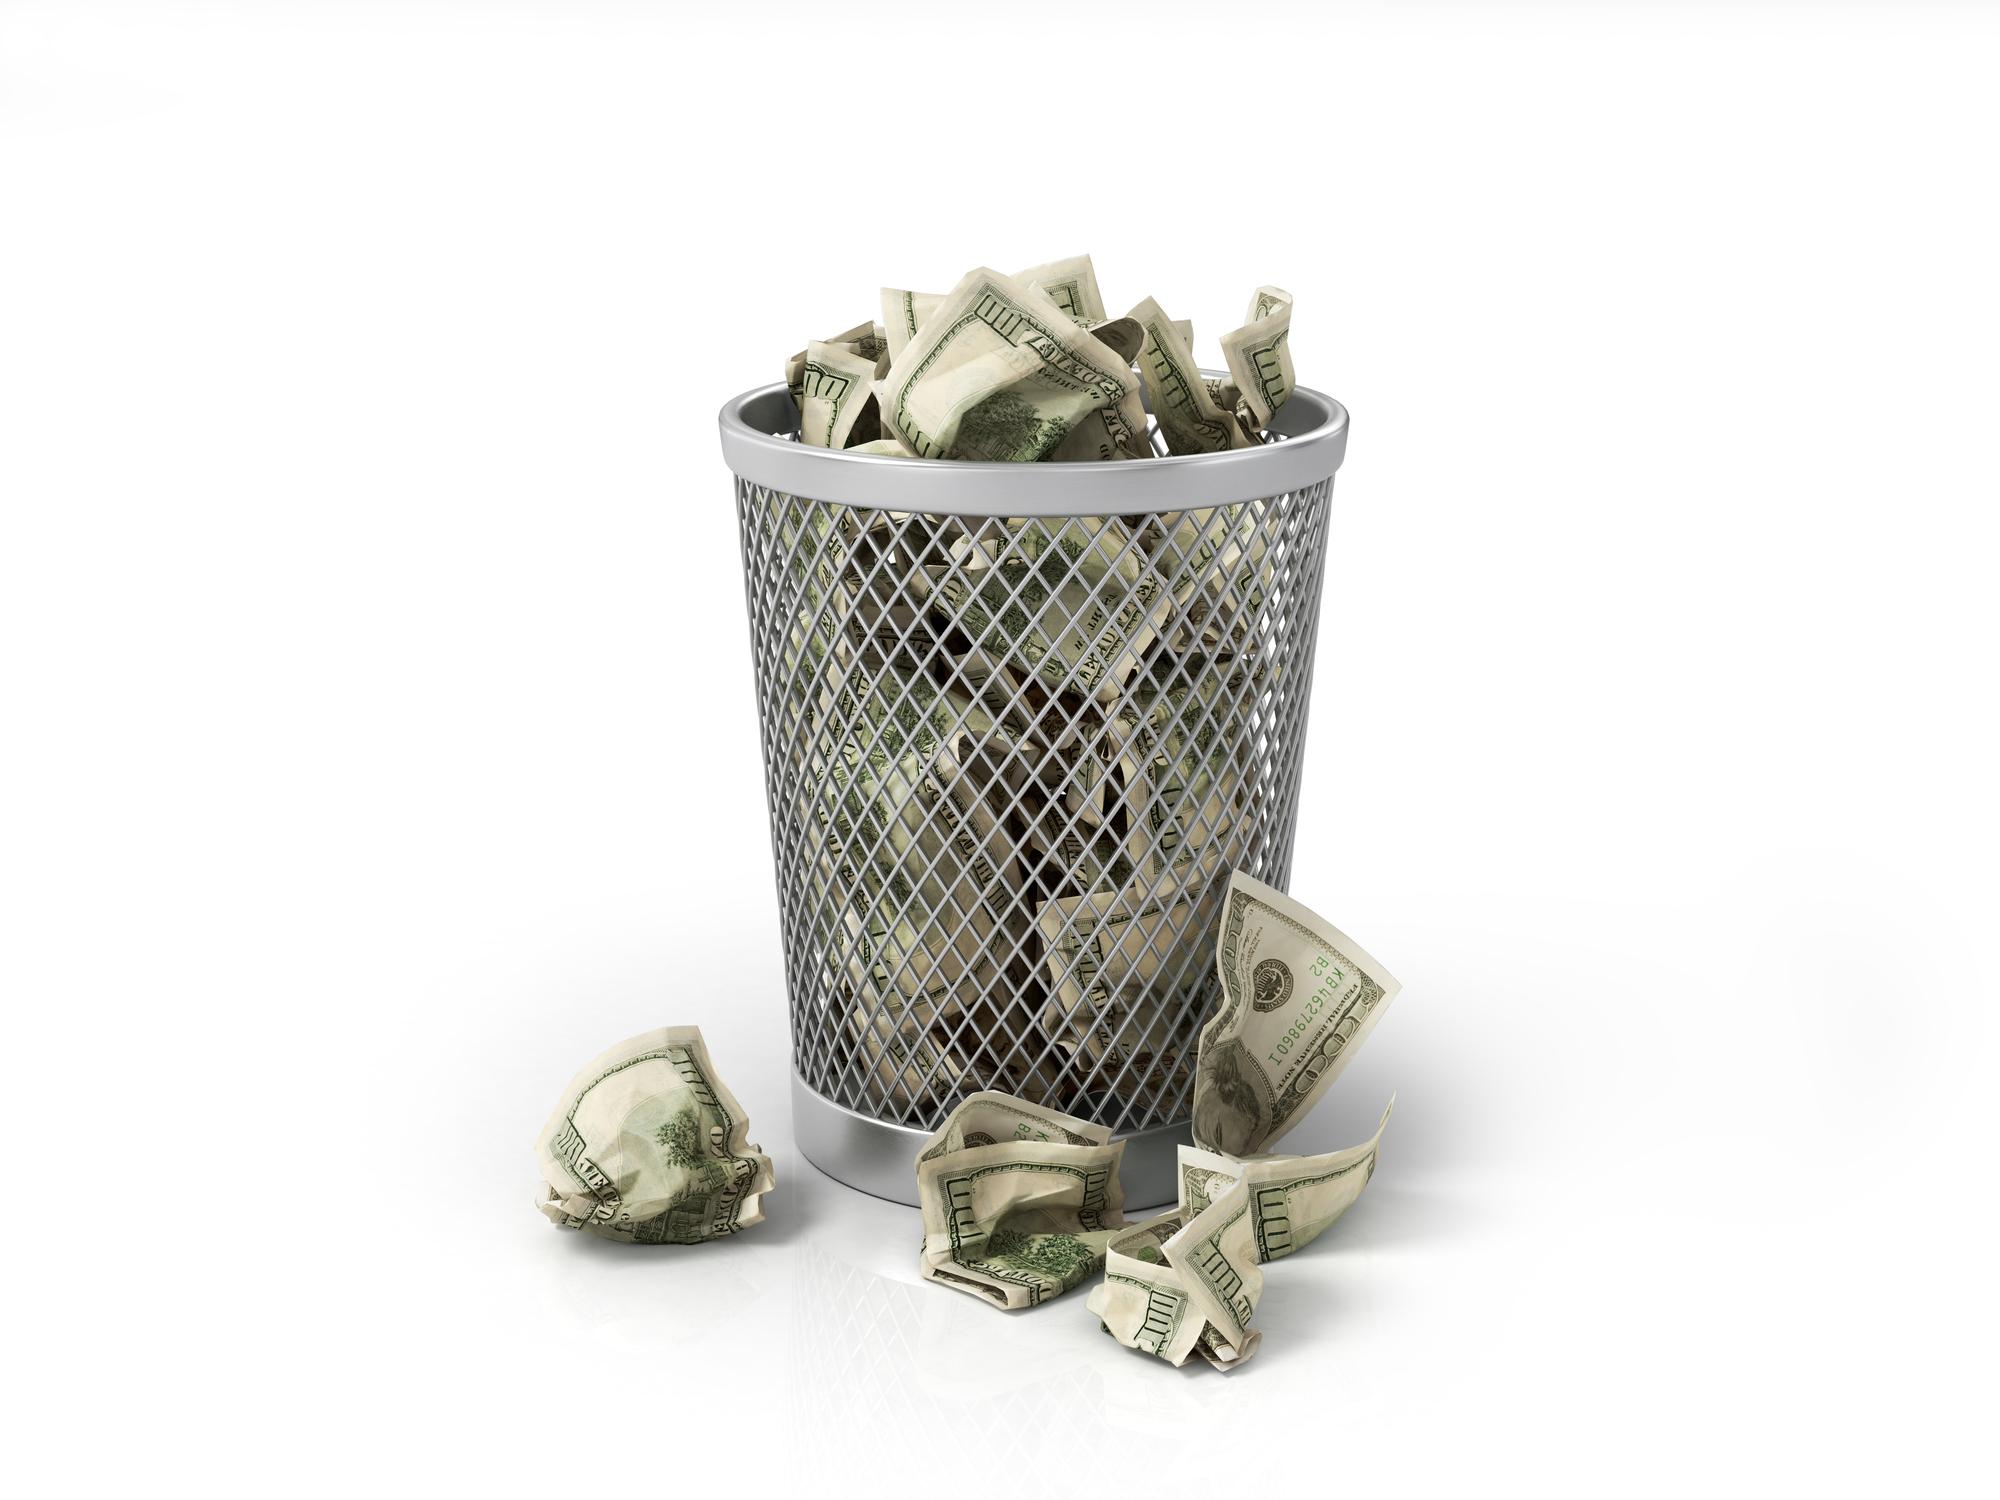 Money in wastebasket